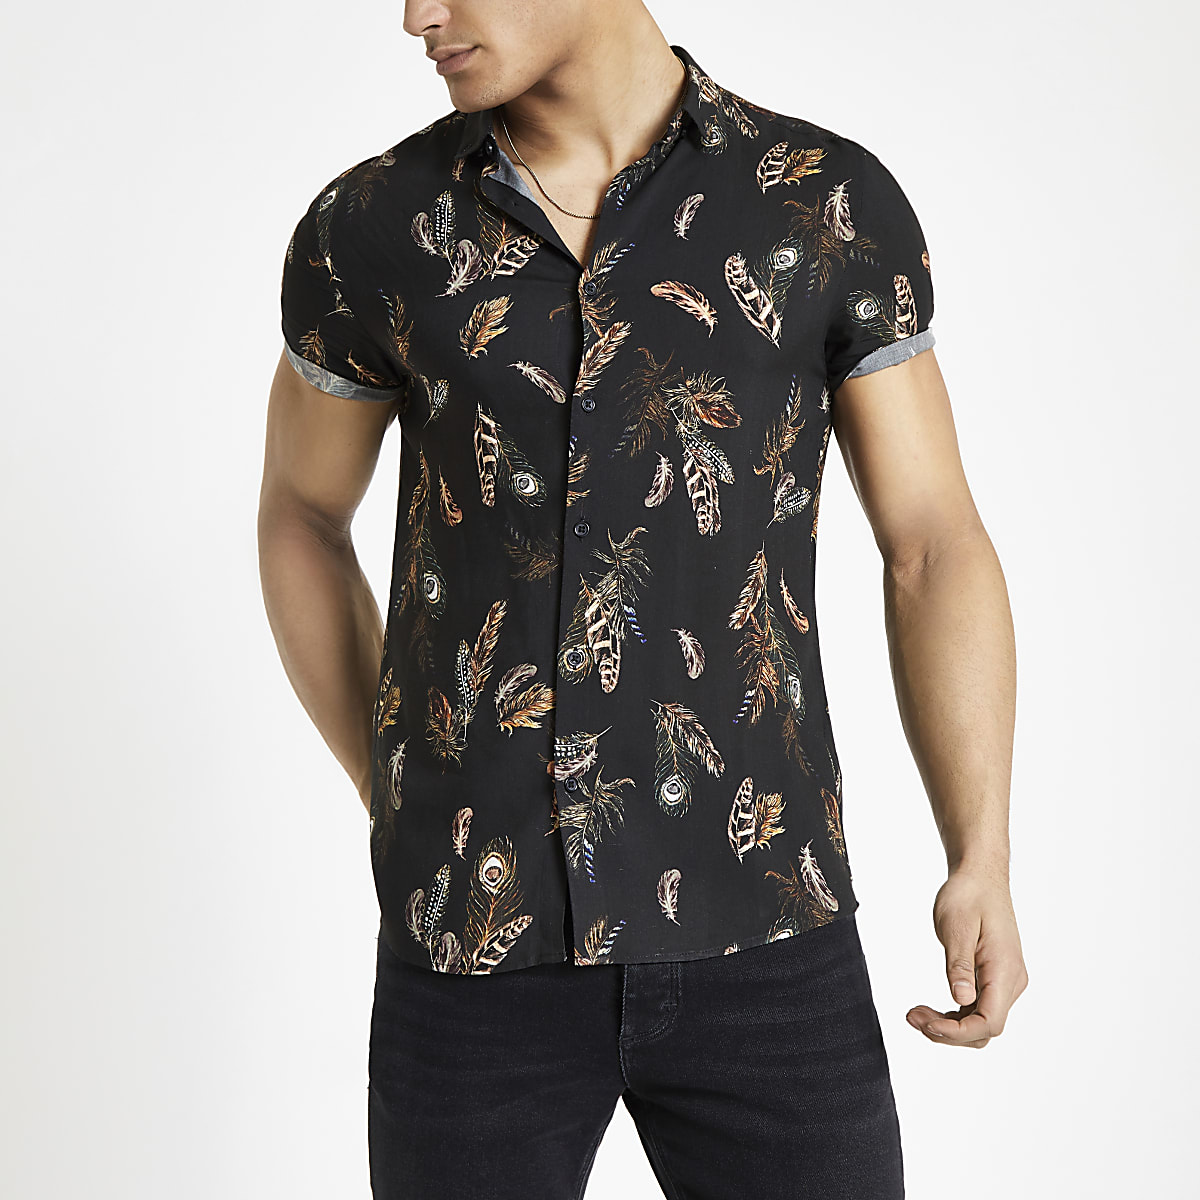 Zwart overhemd met korte mouwen en verenprint